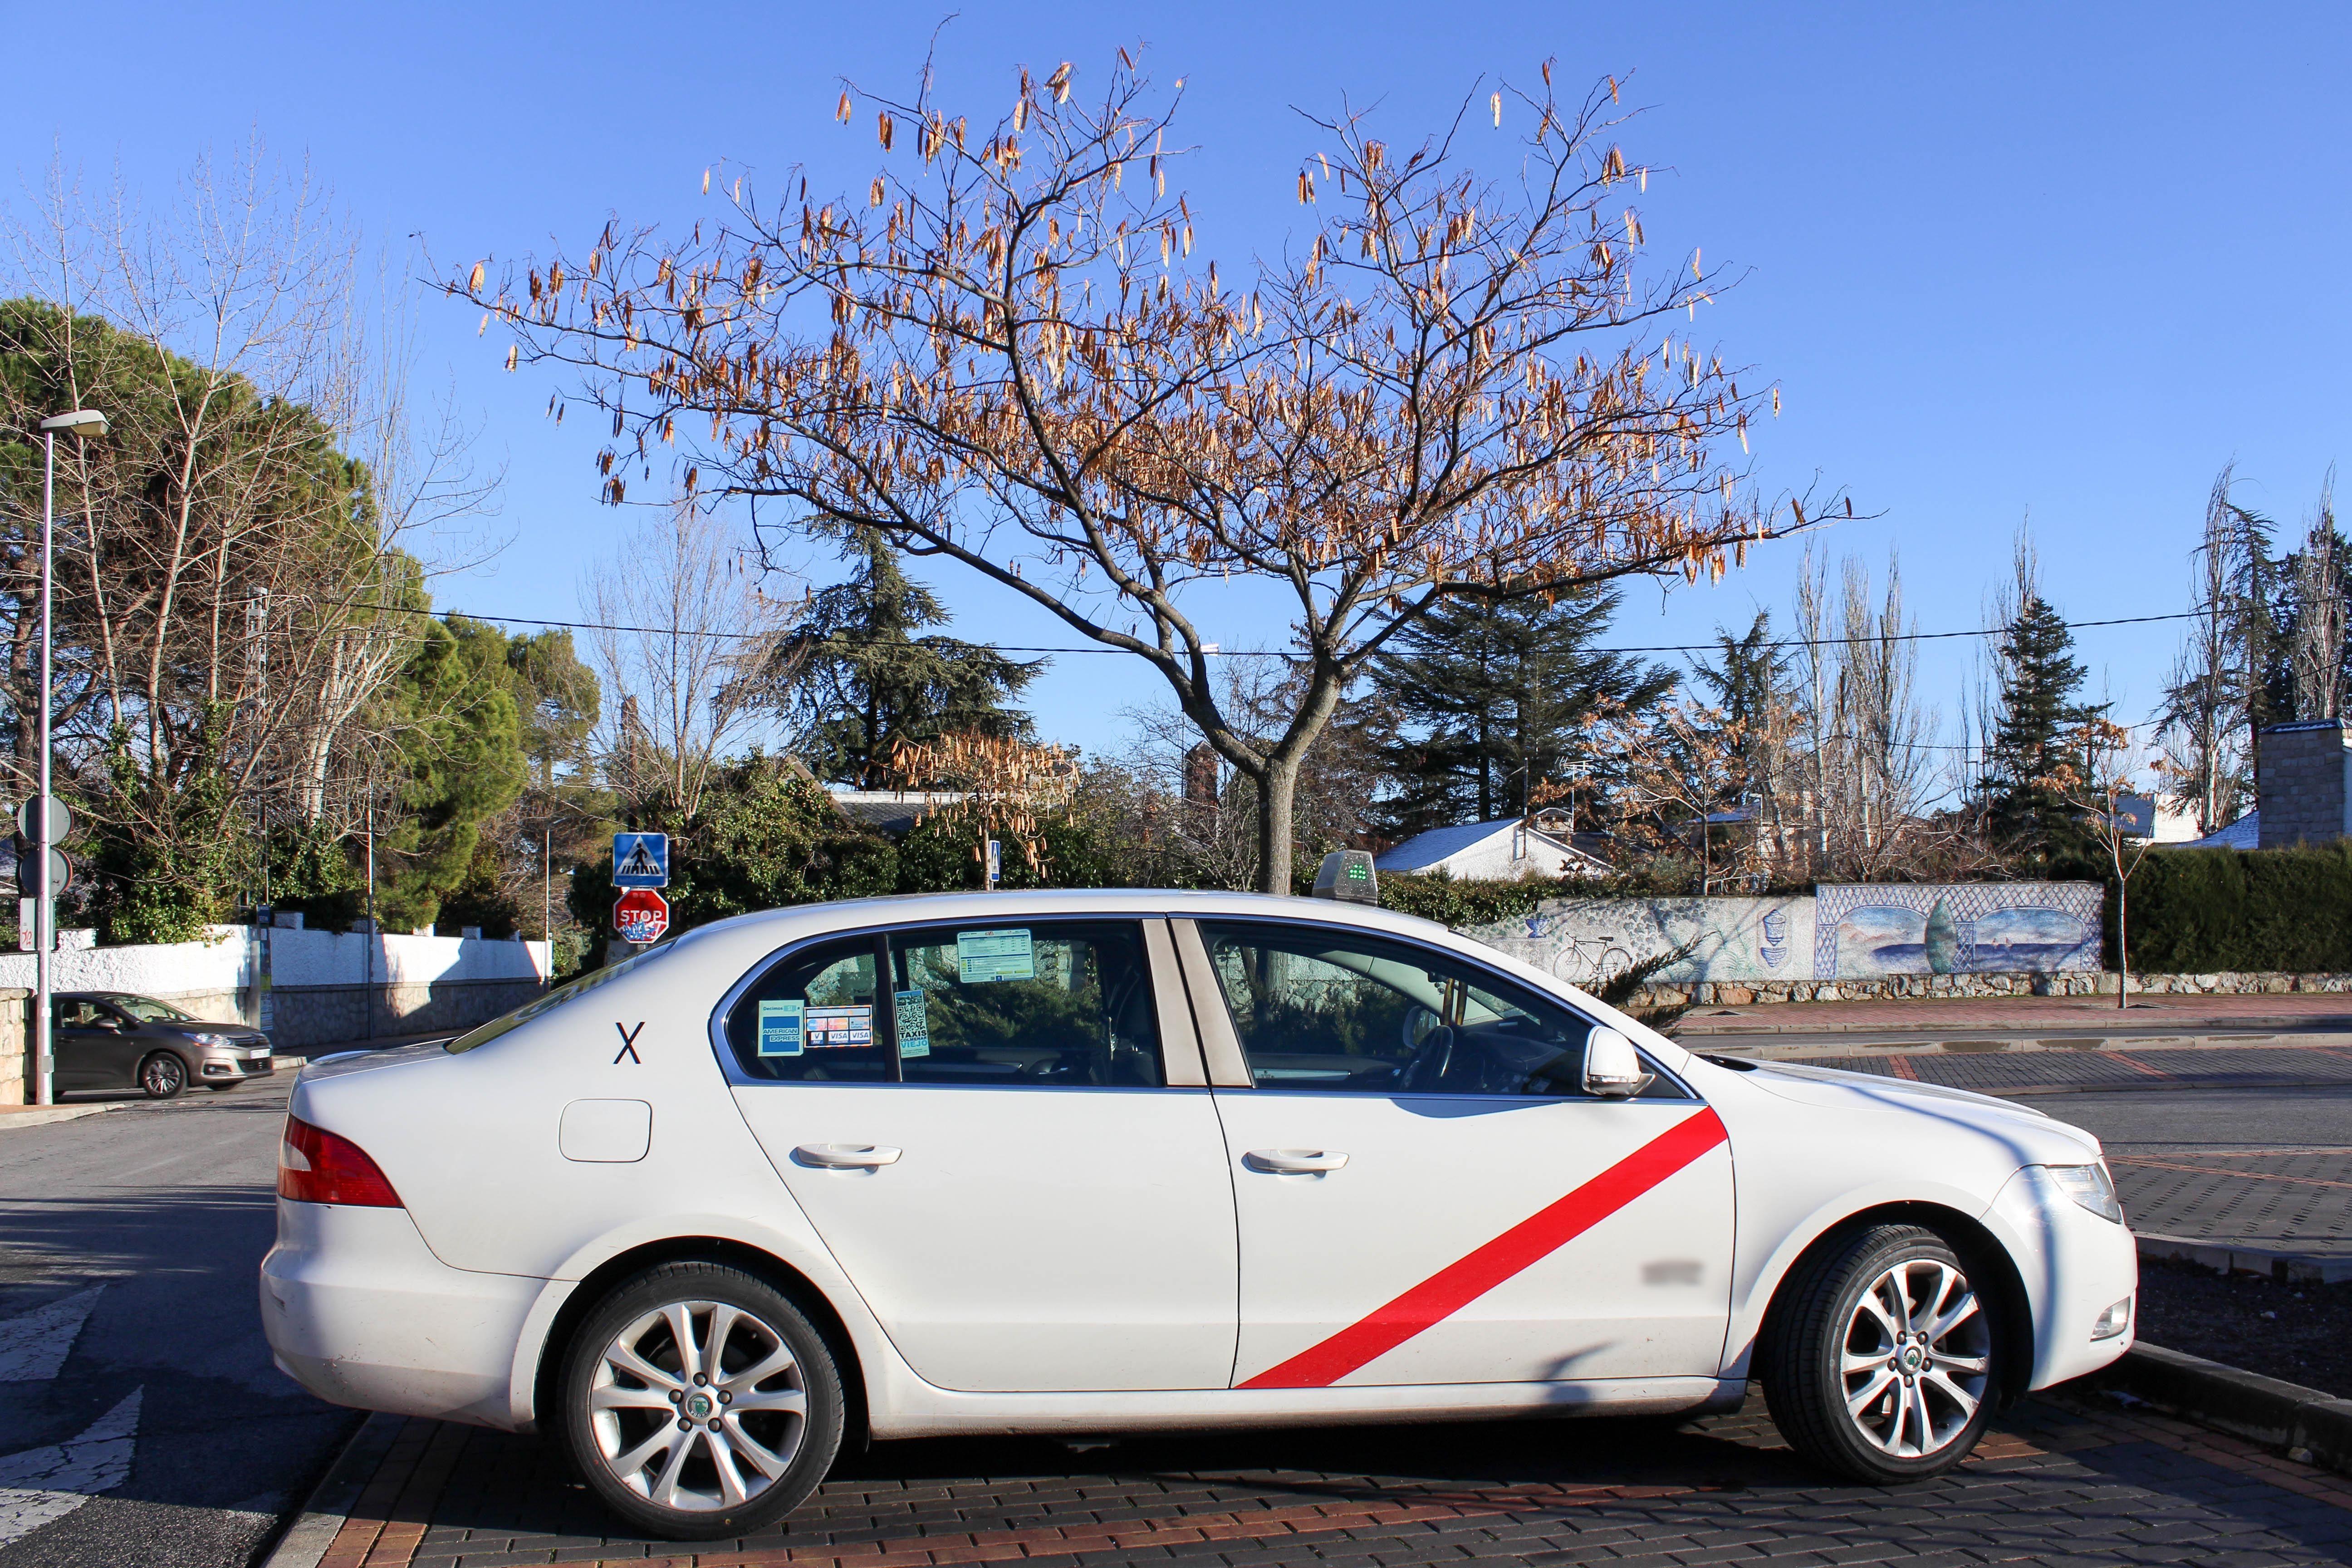 Foto 2 de Taxis en Colmenar Viejo | Radio-Taxi Colmenar